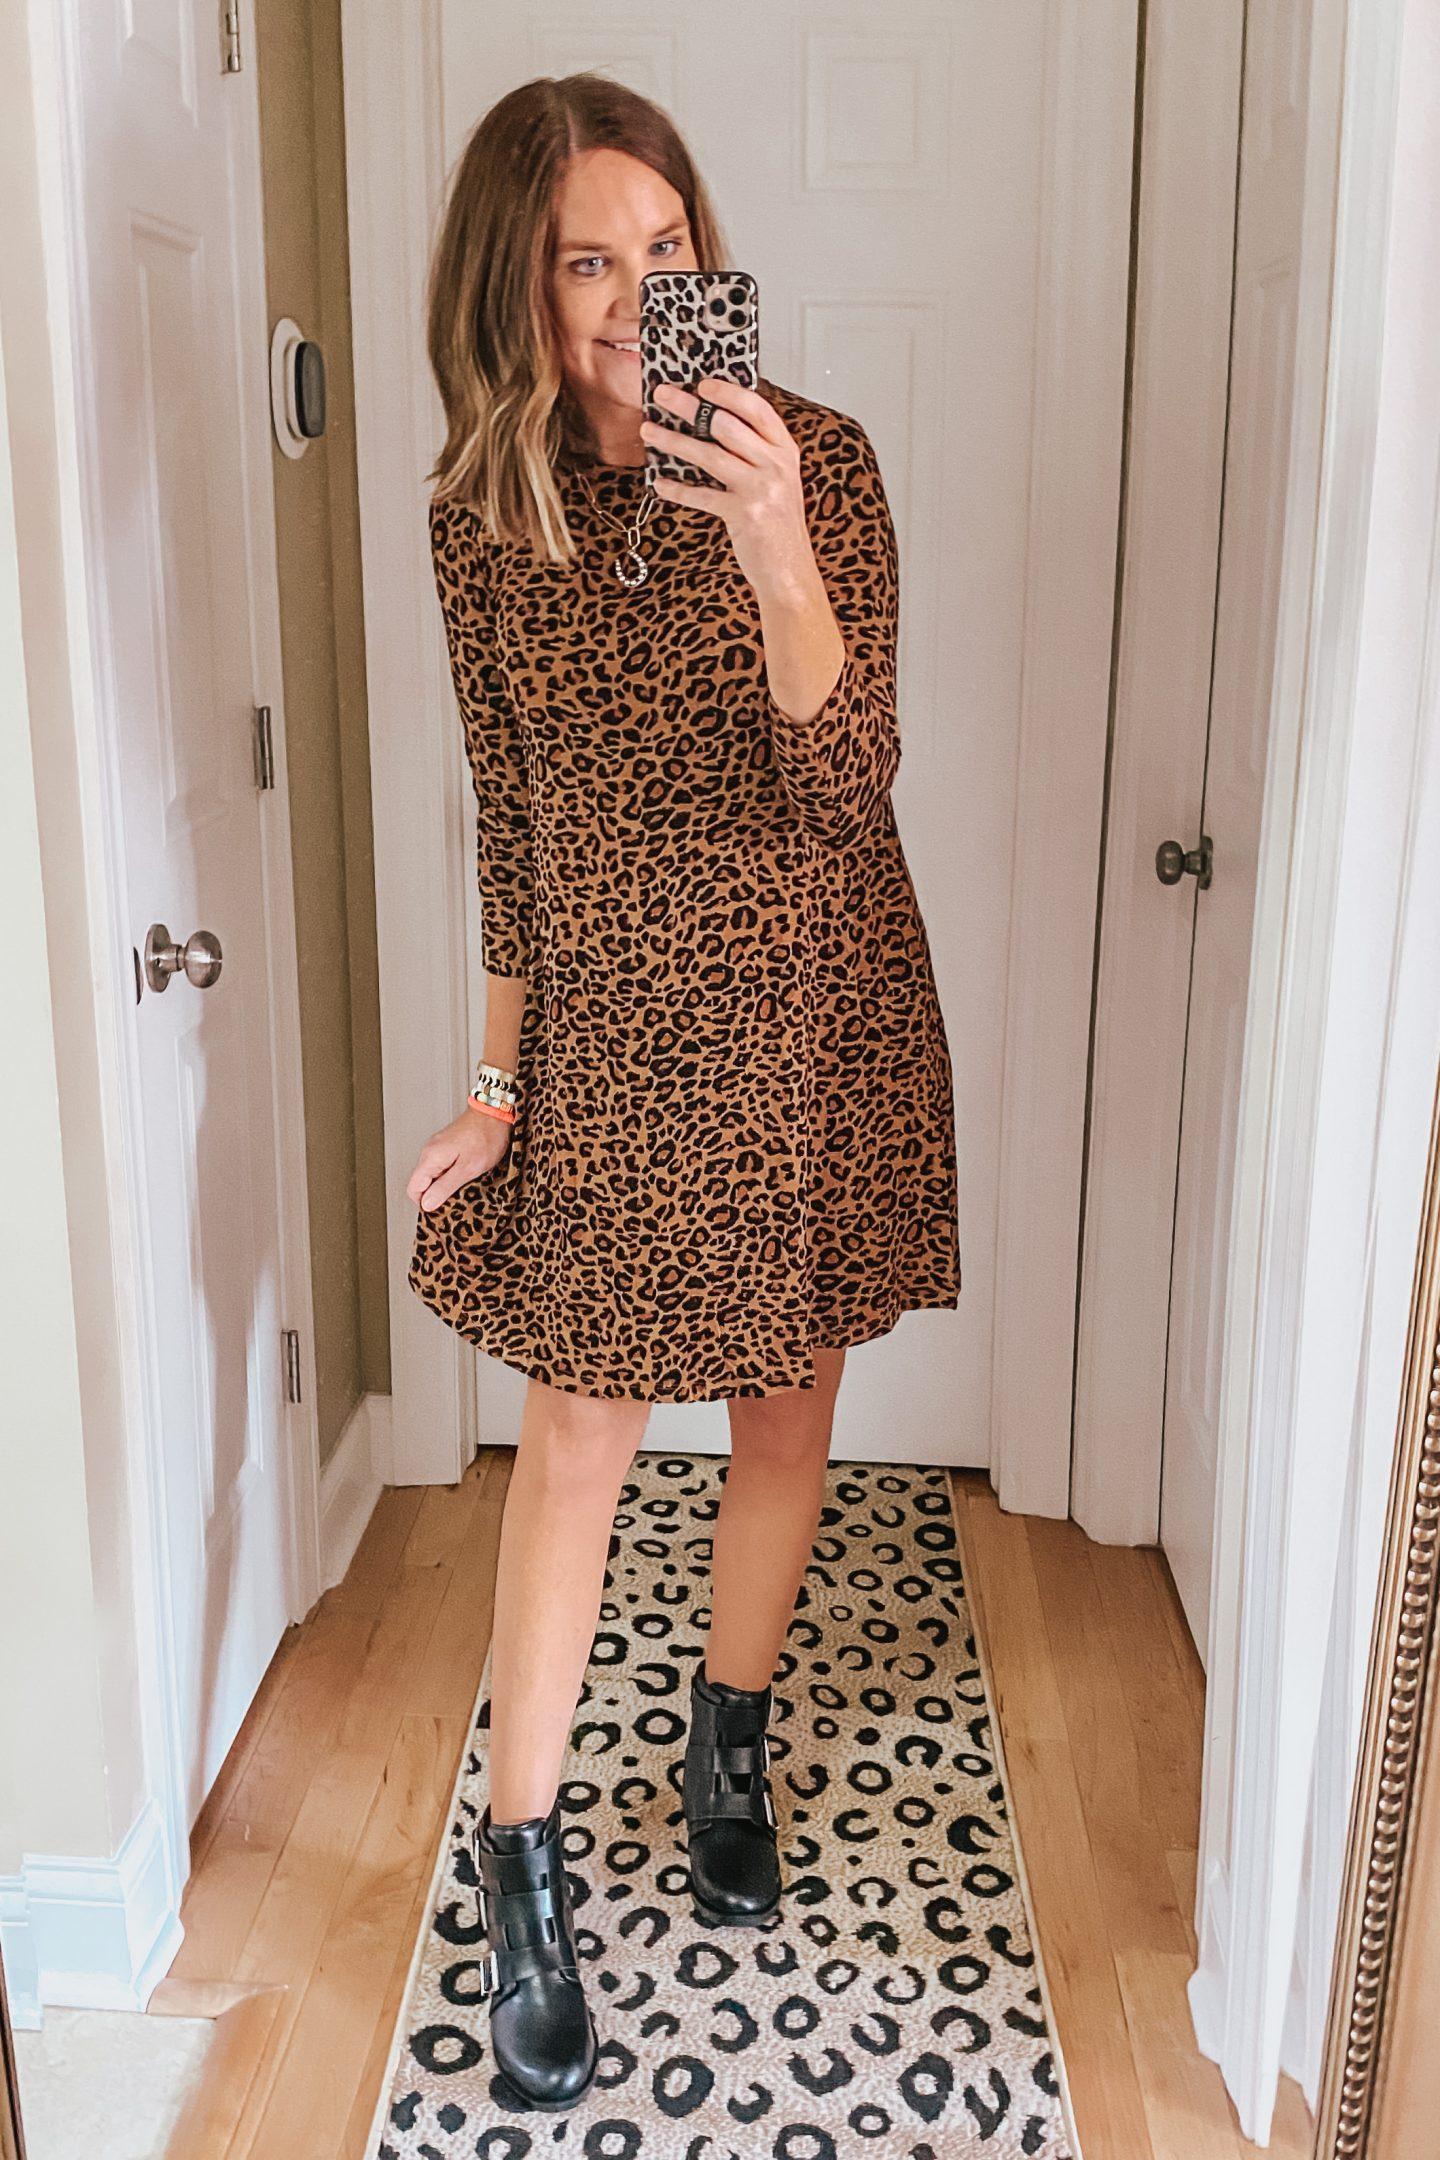 Walmart leopard tee shirt dress